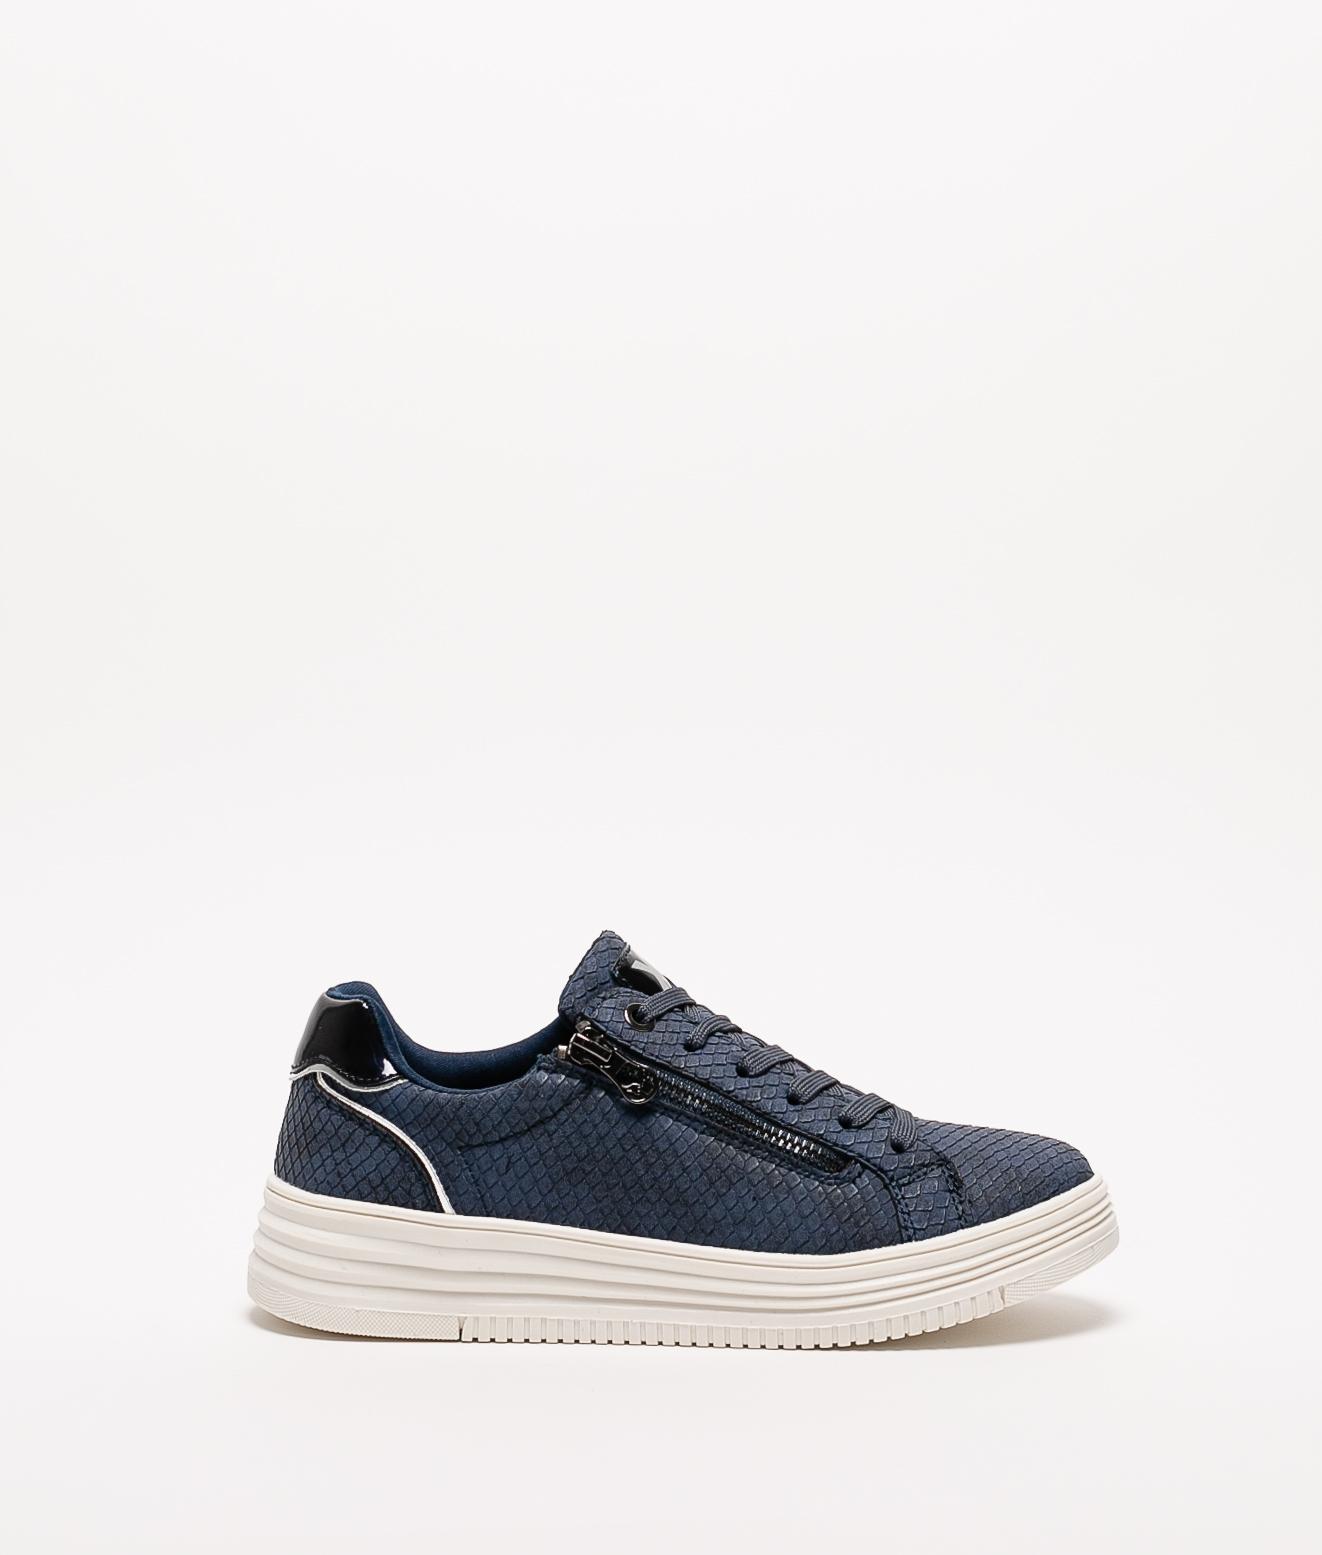 Sneakers Soule Xti - Bleu